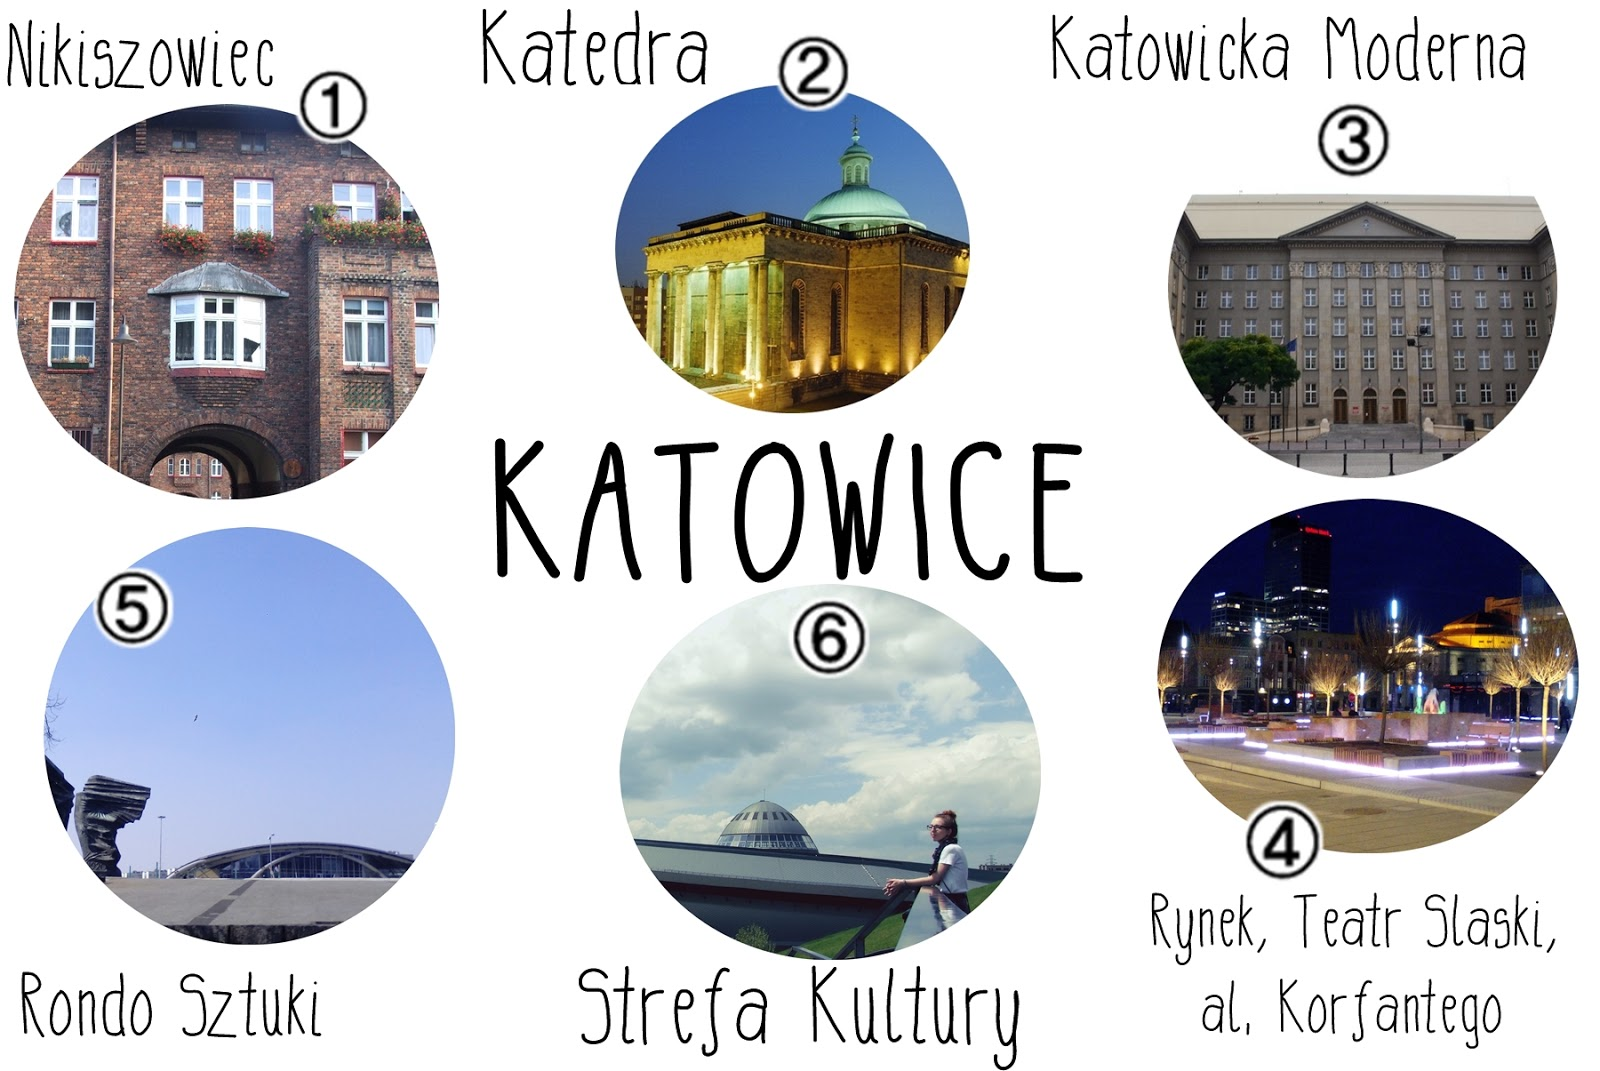 wycieczka jednodniowa po Katowicach, co zobaczyć